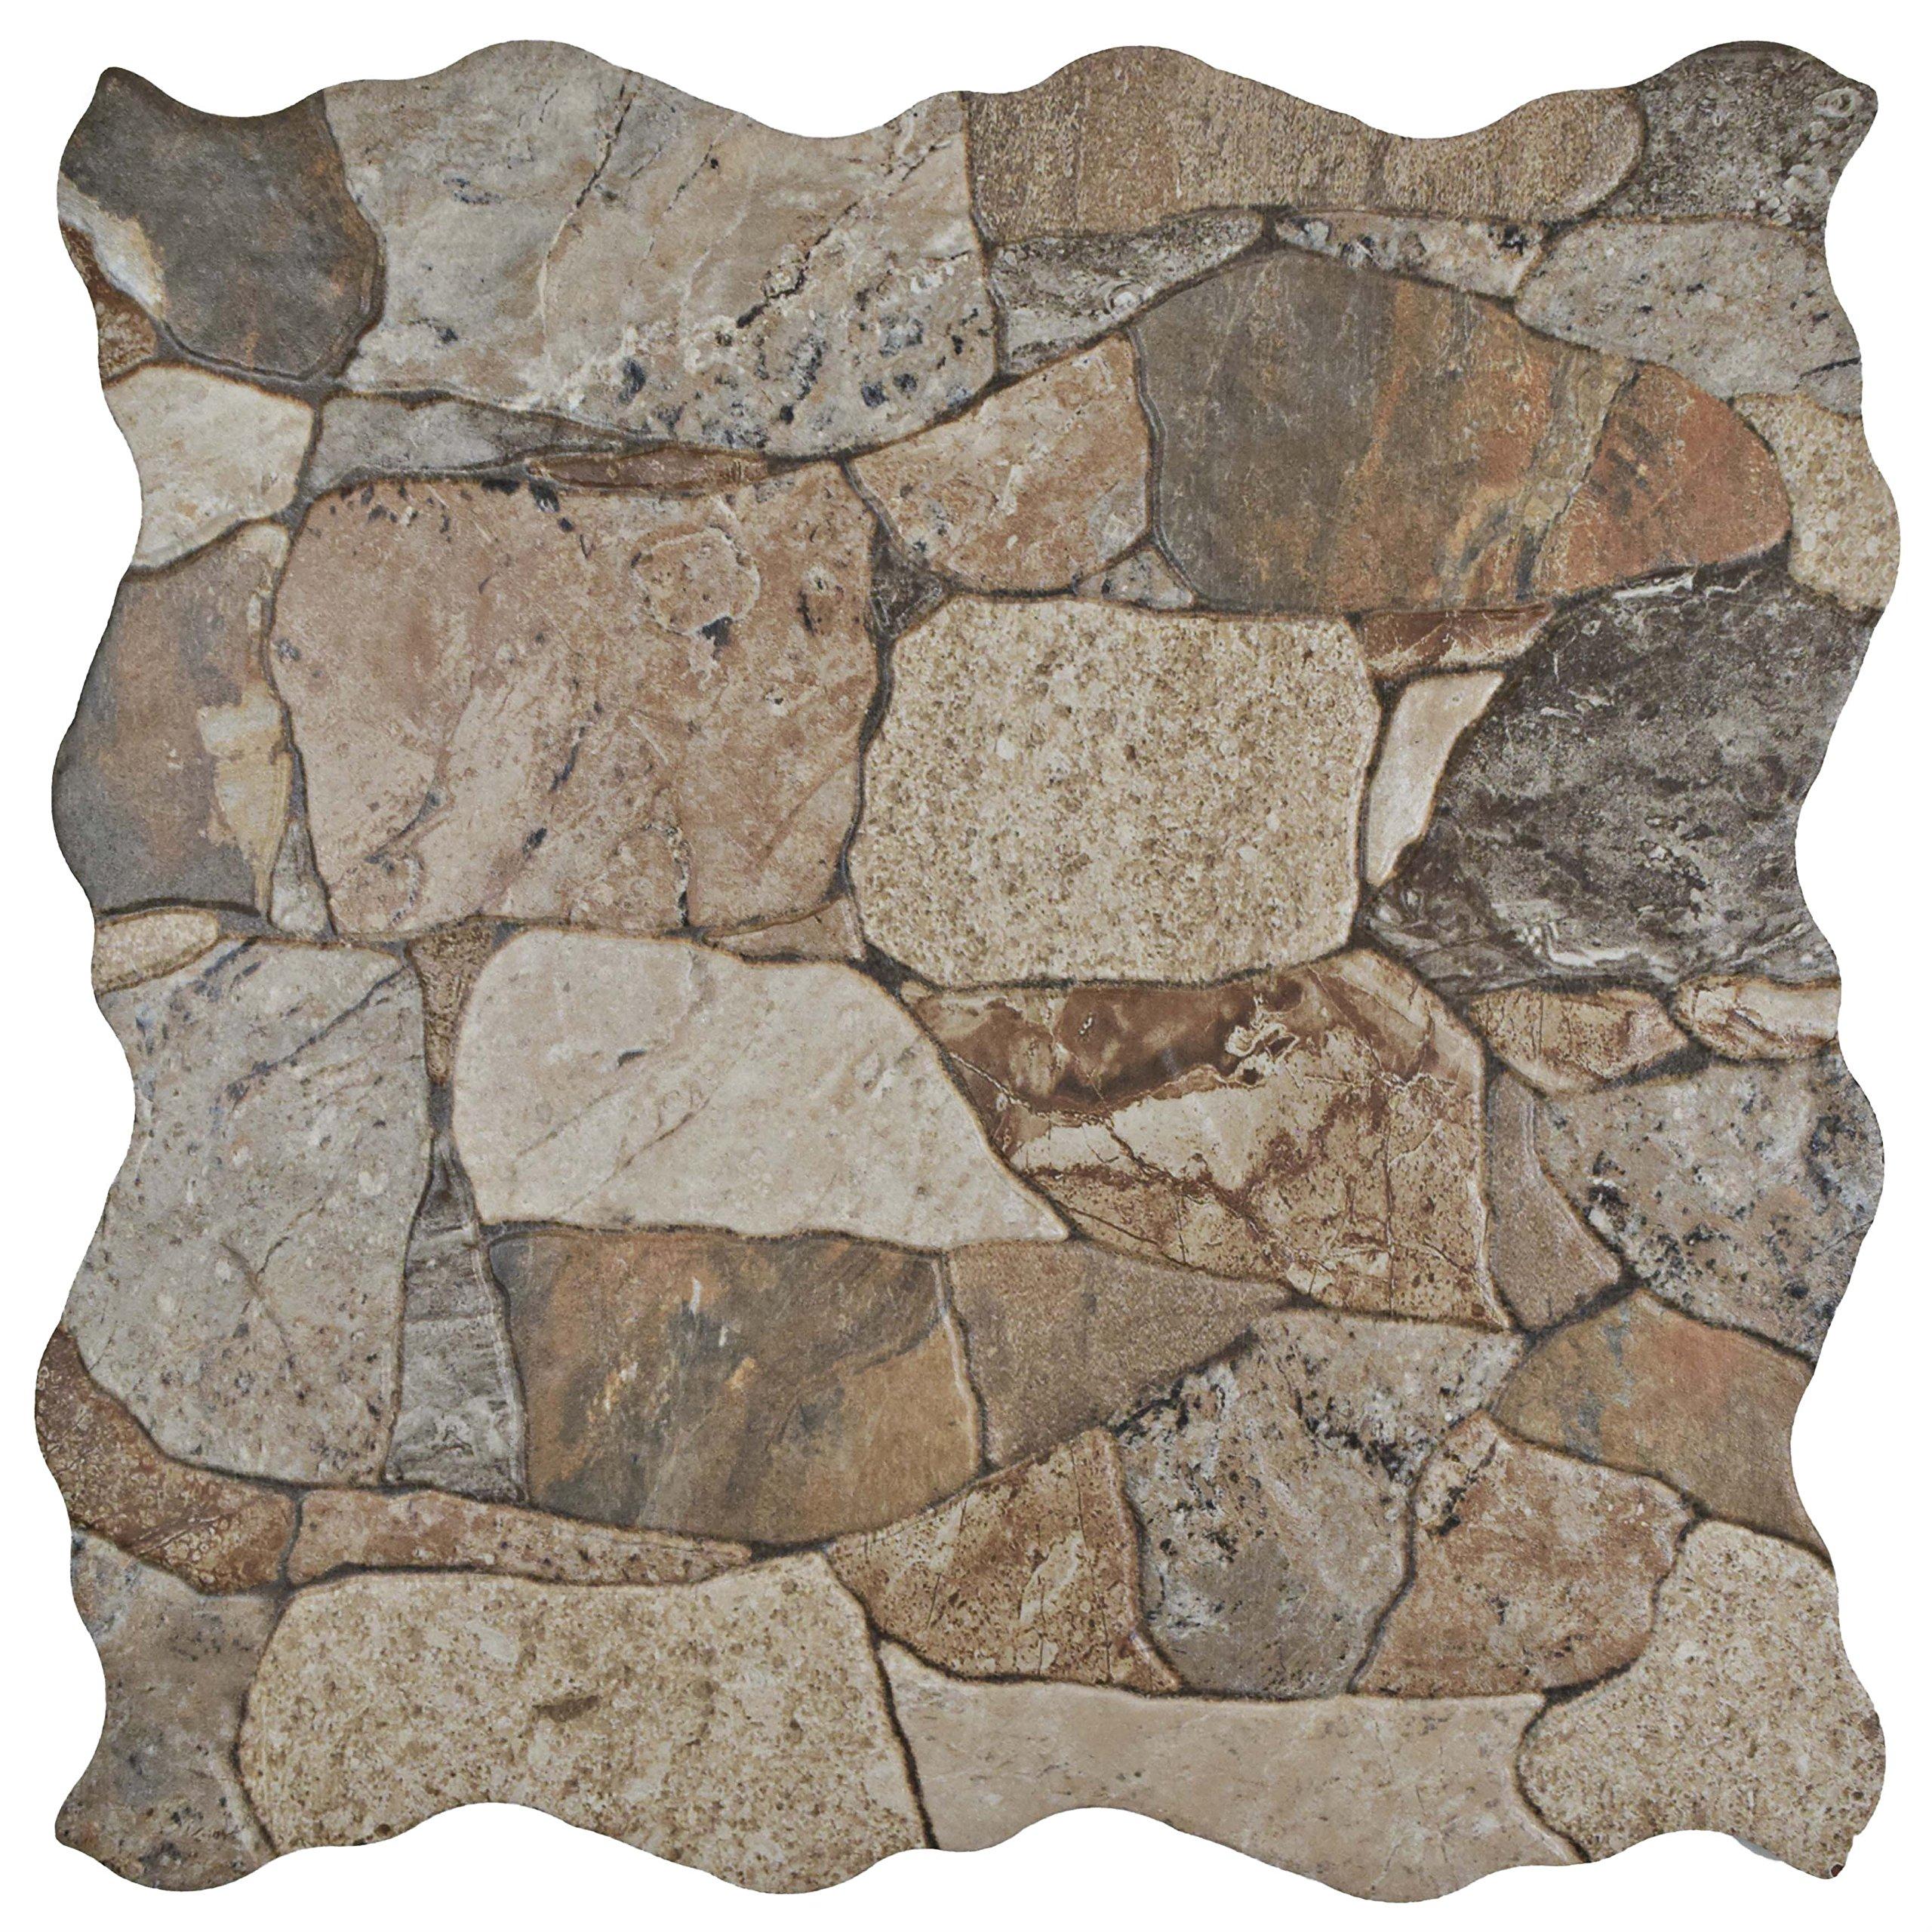 SomerTile Brown/Gray/Green FAZ18ATG Roccia Ceramic Floor and Wall Tile, 16.88'' x 16.88'', Gris, 7 Piece